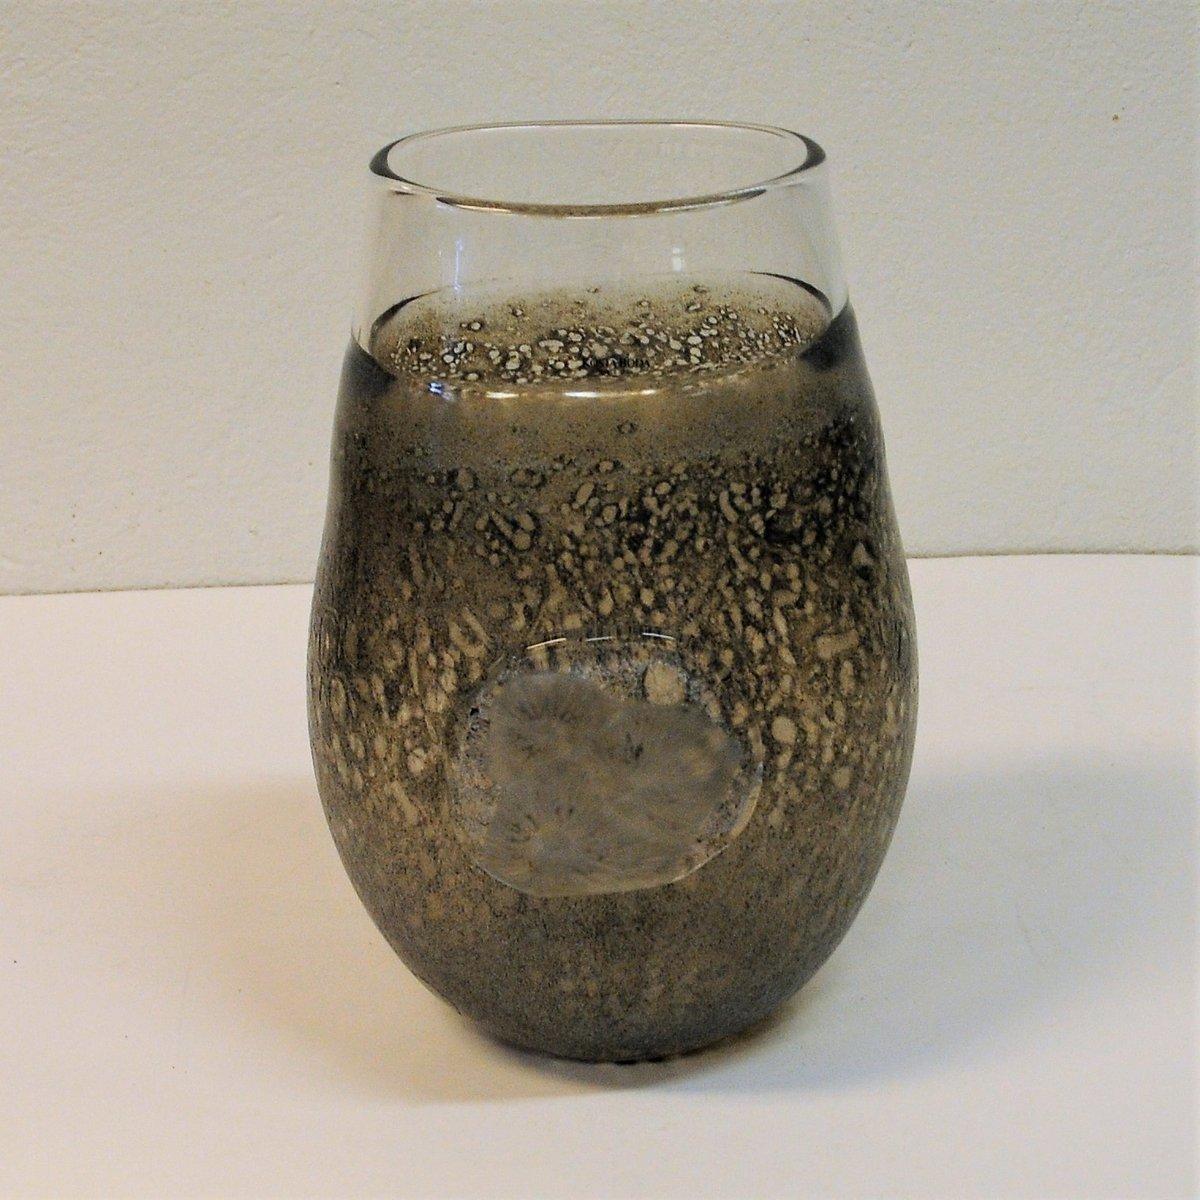 Vintage Fossil Art Glass Vase By Kjell Engman For Kosta